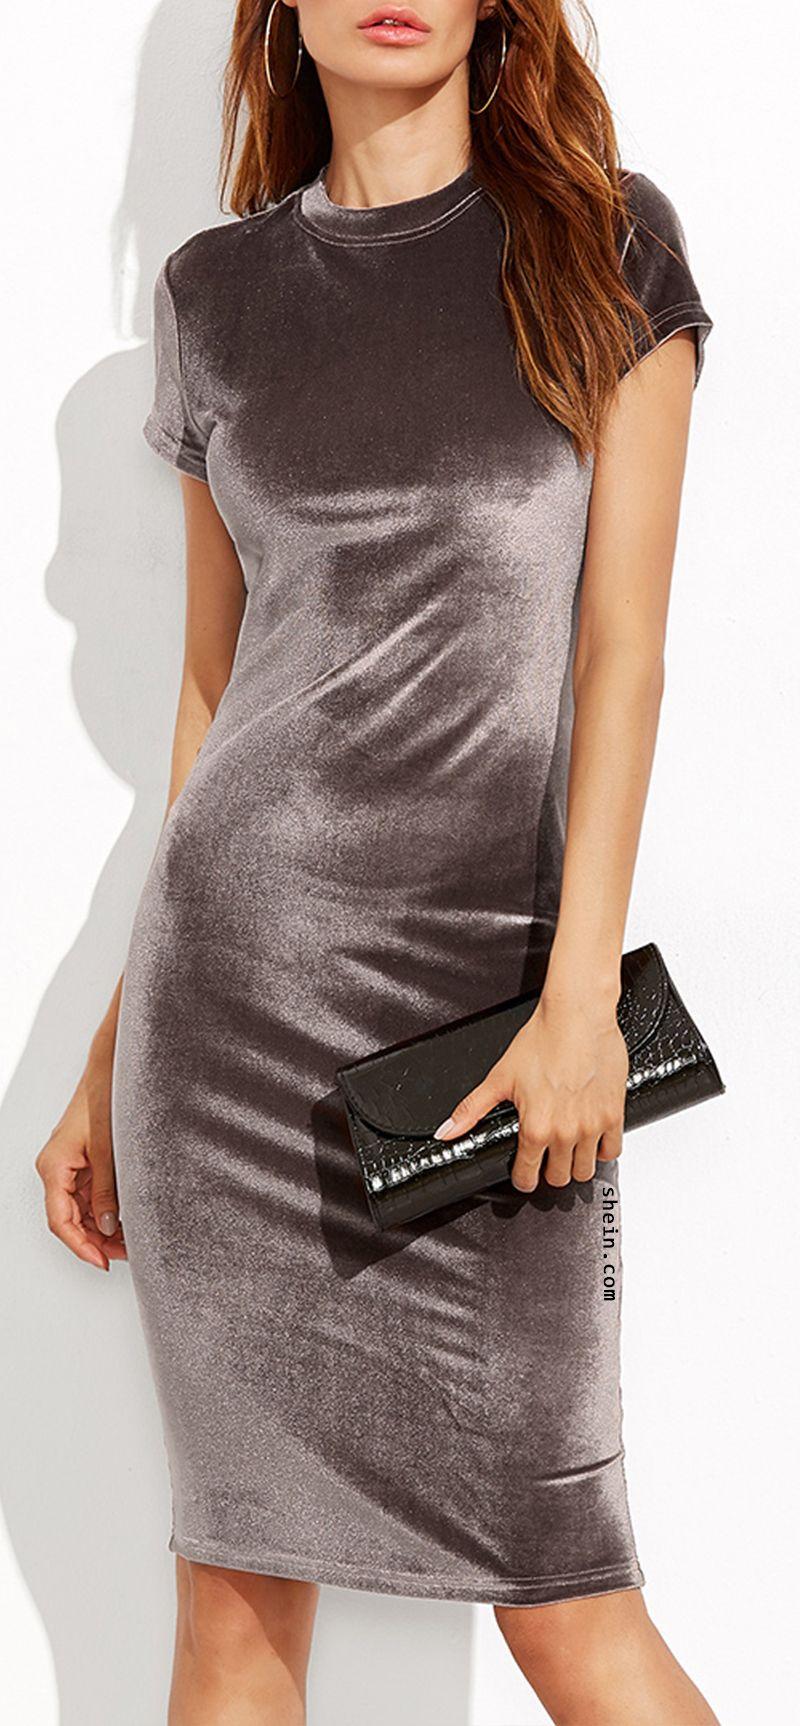 Look for less velvet dress on the hunt - Hot Haute Fashion Velvet Clothing 9 9 For Brown Velvet Sheath Dress At Shein